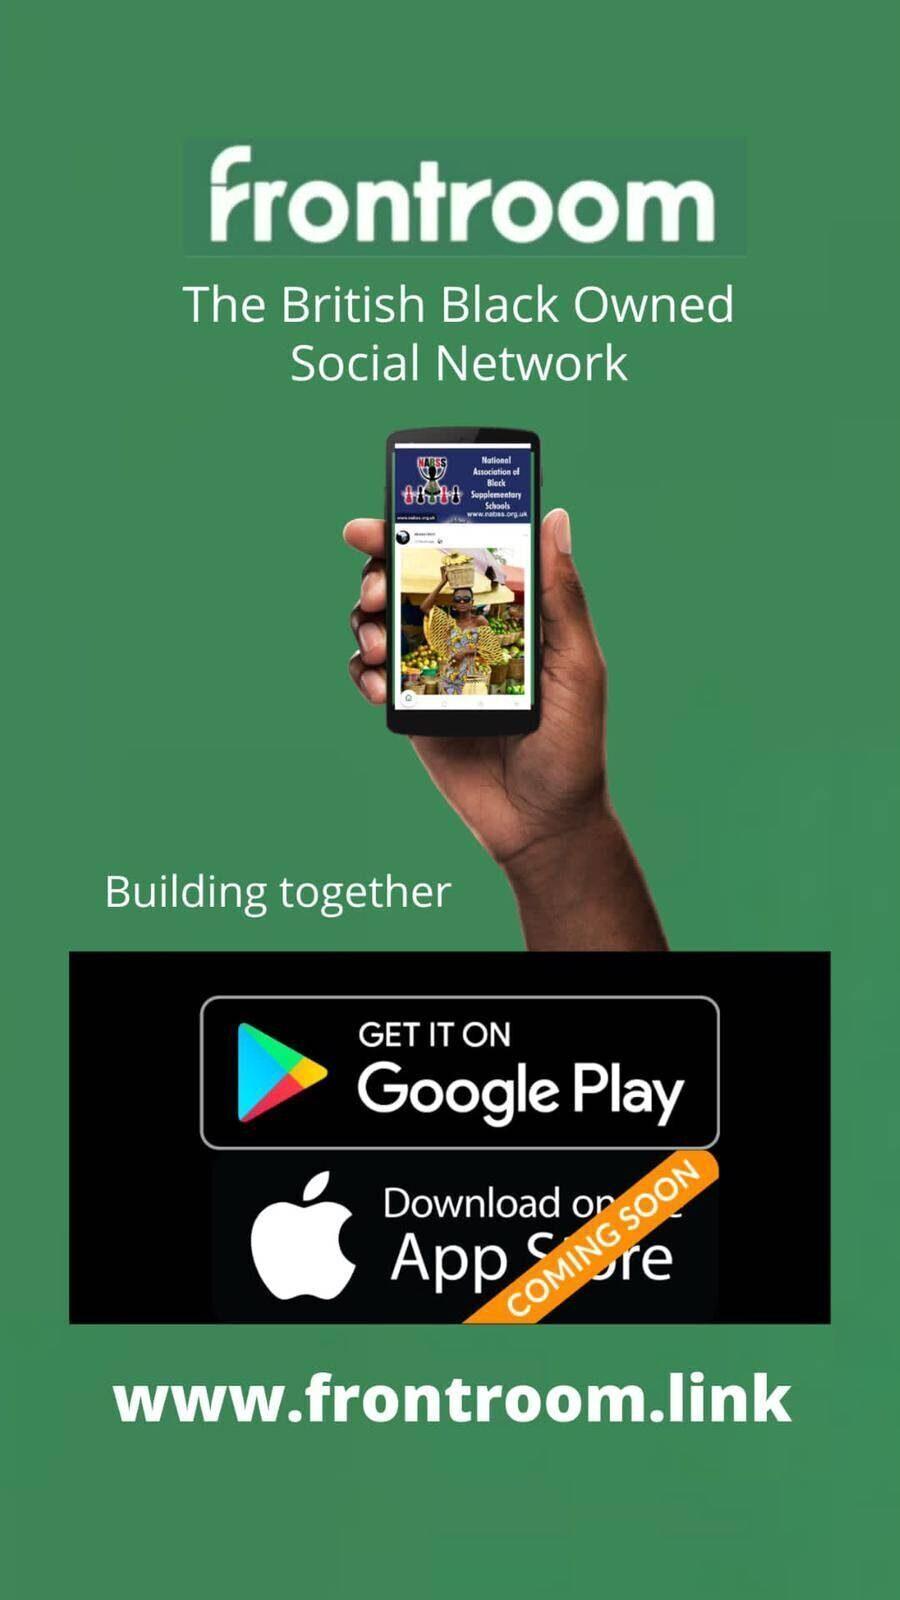 frontroom-british-black-owned-social-network-building-together